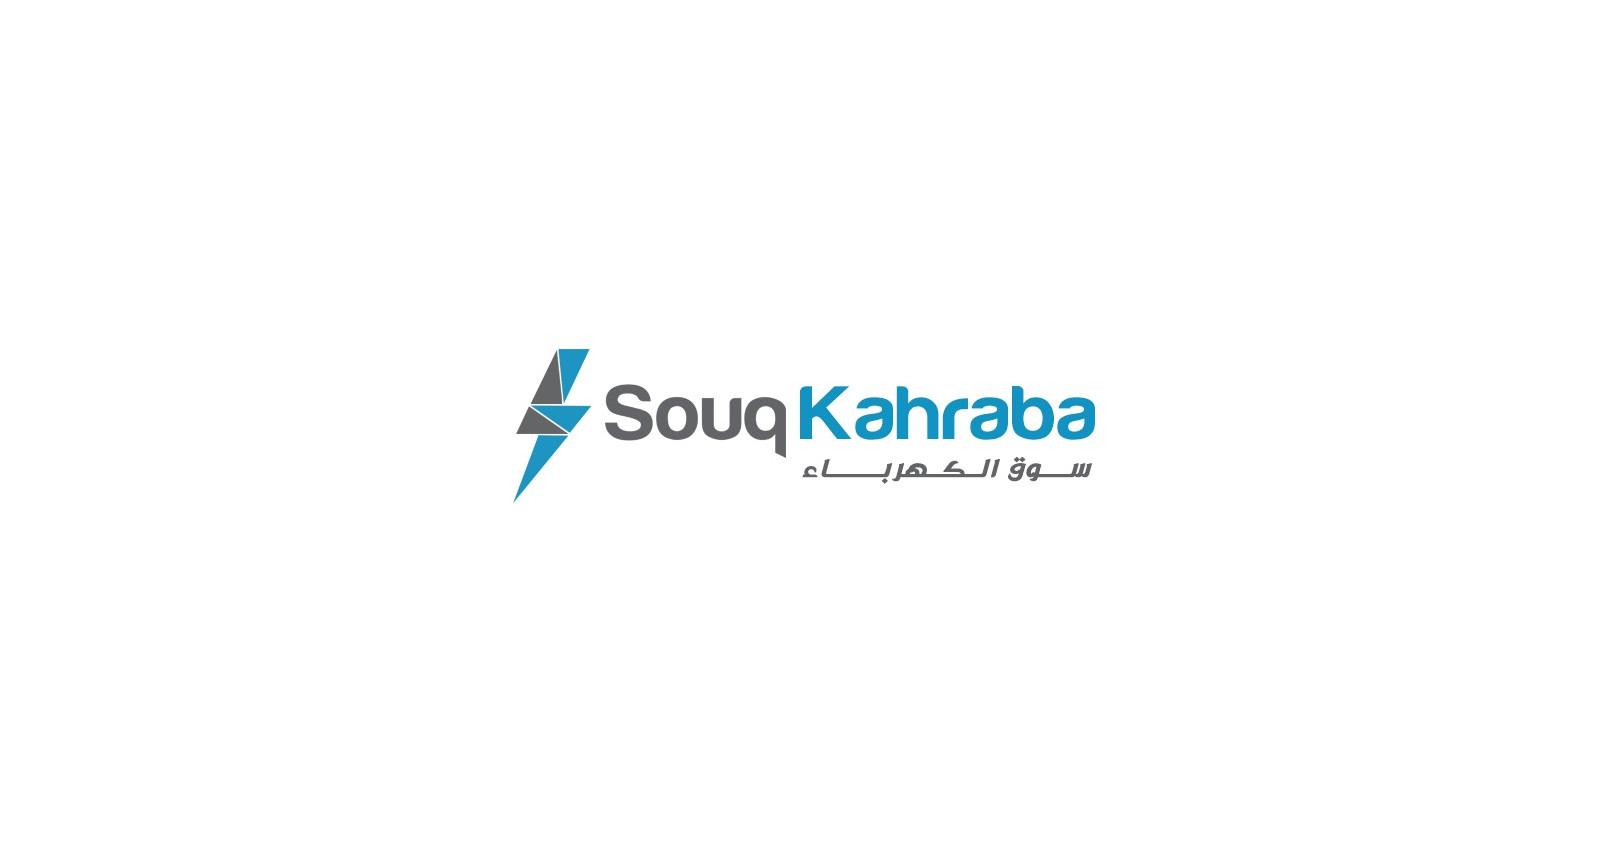 Job: Outdoor Sales Representative at Souq Kahraba in Giza, Egypt